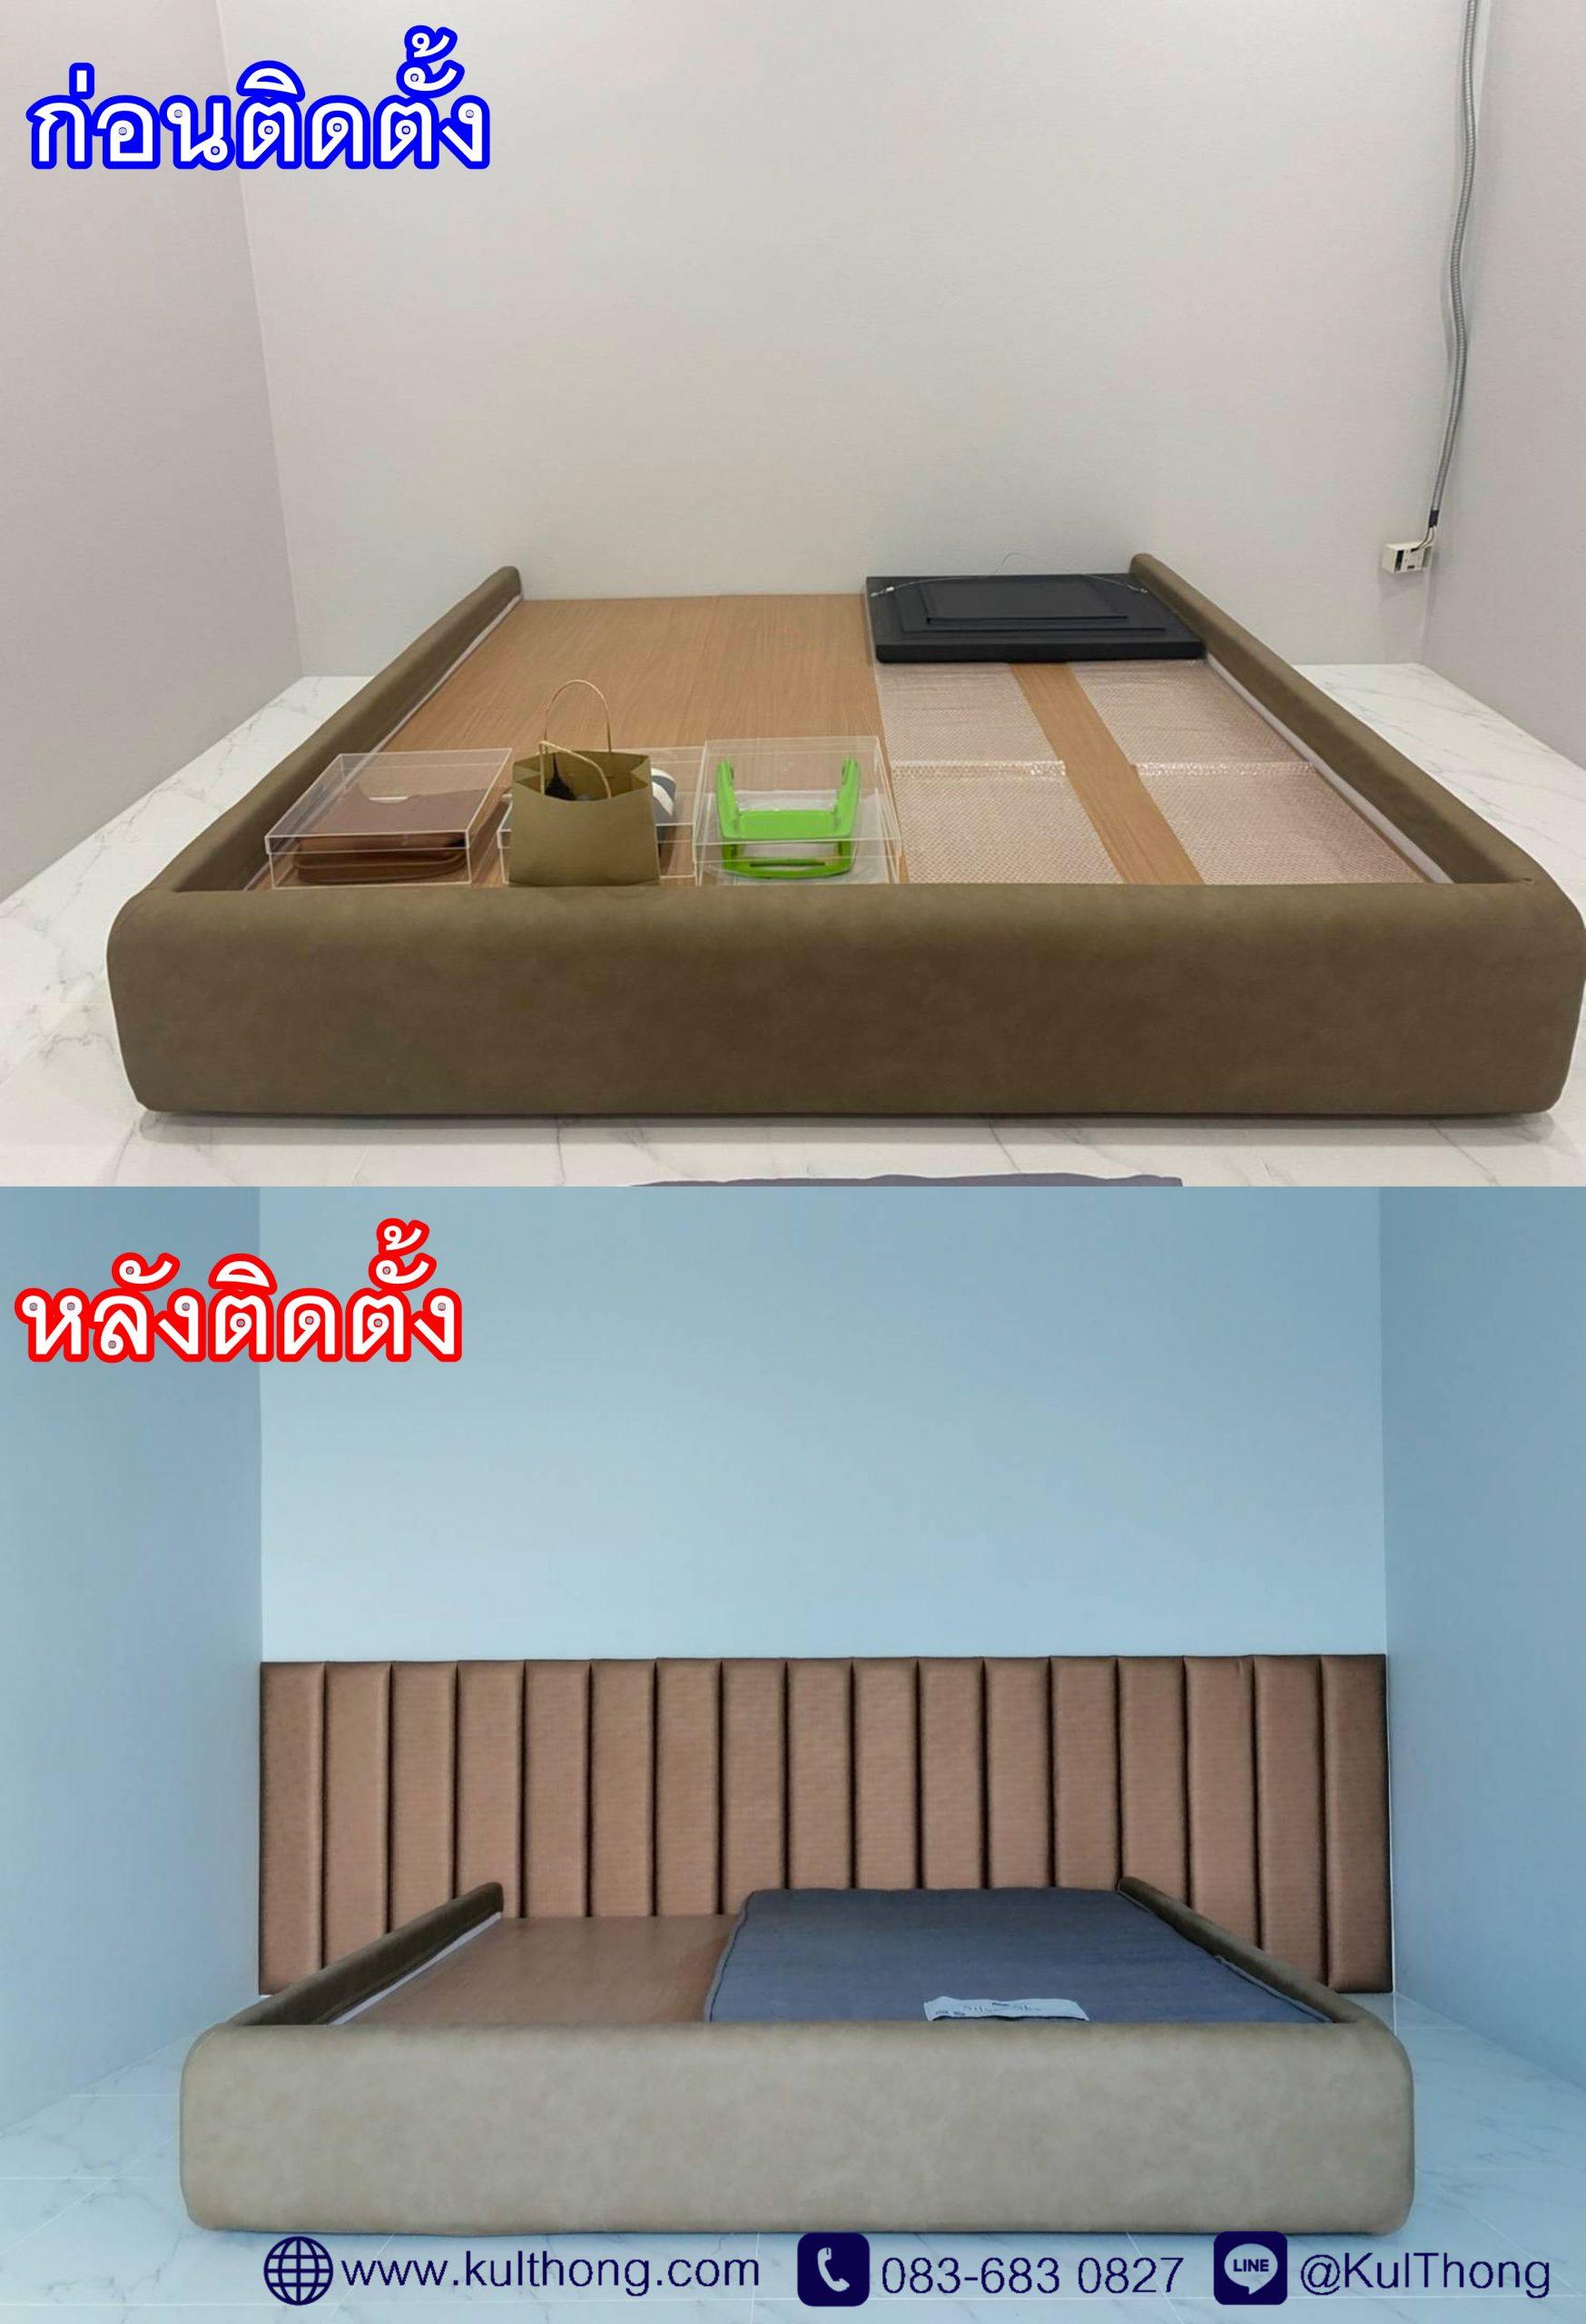 หัวเตียงสำเร็จ หัวเตียงแขวนผนัง หัวเตียงติดกำแพง งานบุผนังหัวเตียง